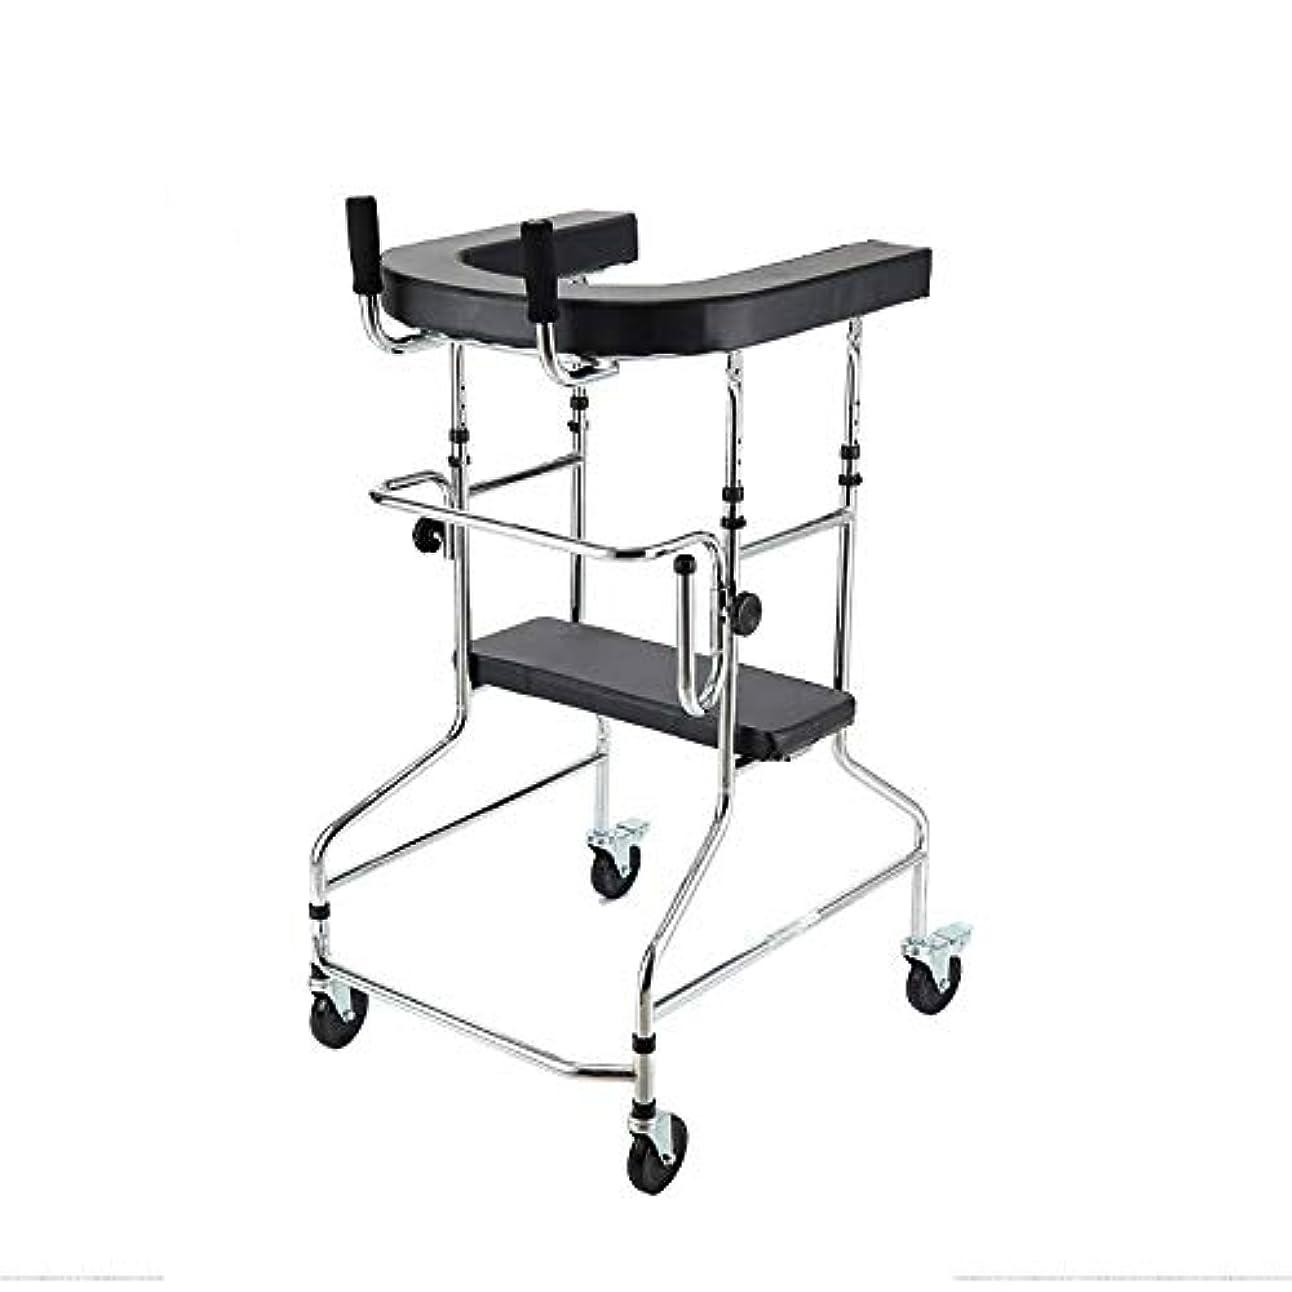 回る収入遺体安置所多機能高齢者歩行ブラケットは、半身の不快な人々のための二重腕歩行器を無効にしました